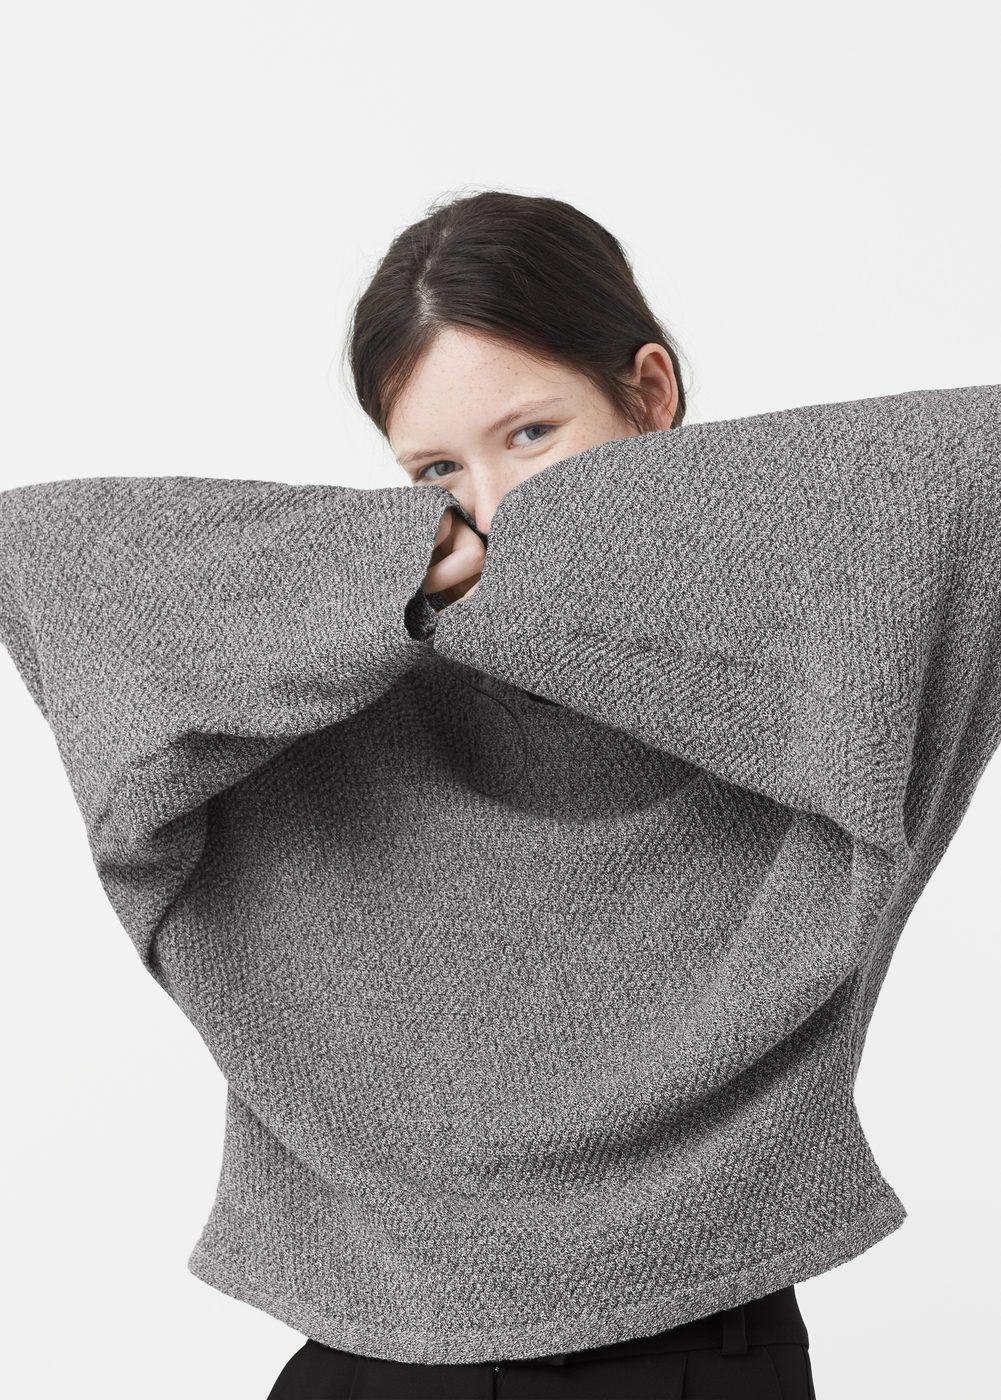 Oversize-pullover - Damen | Pinterest | Shirts nähen, Stricken und ...